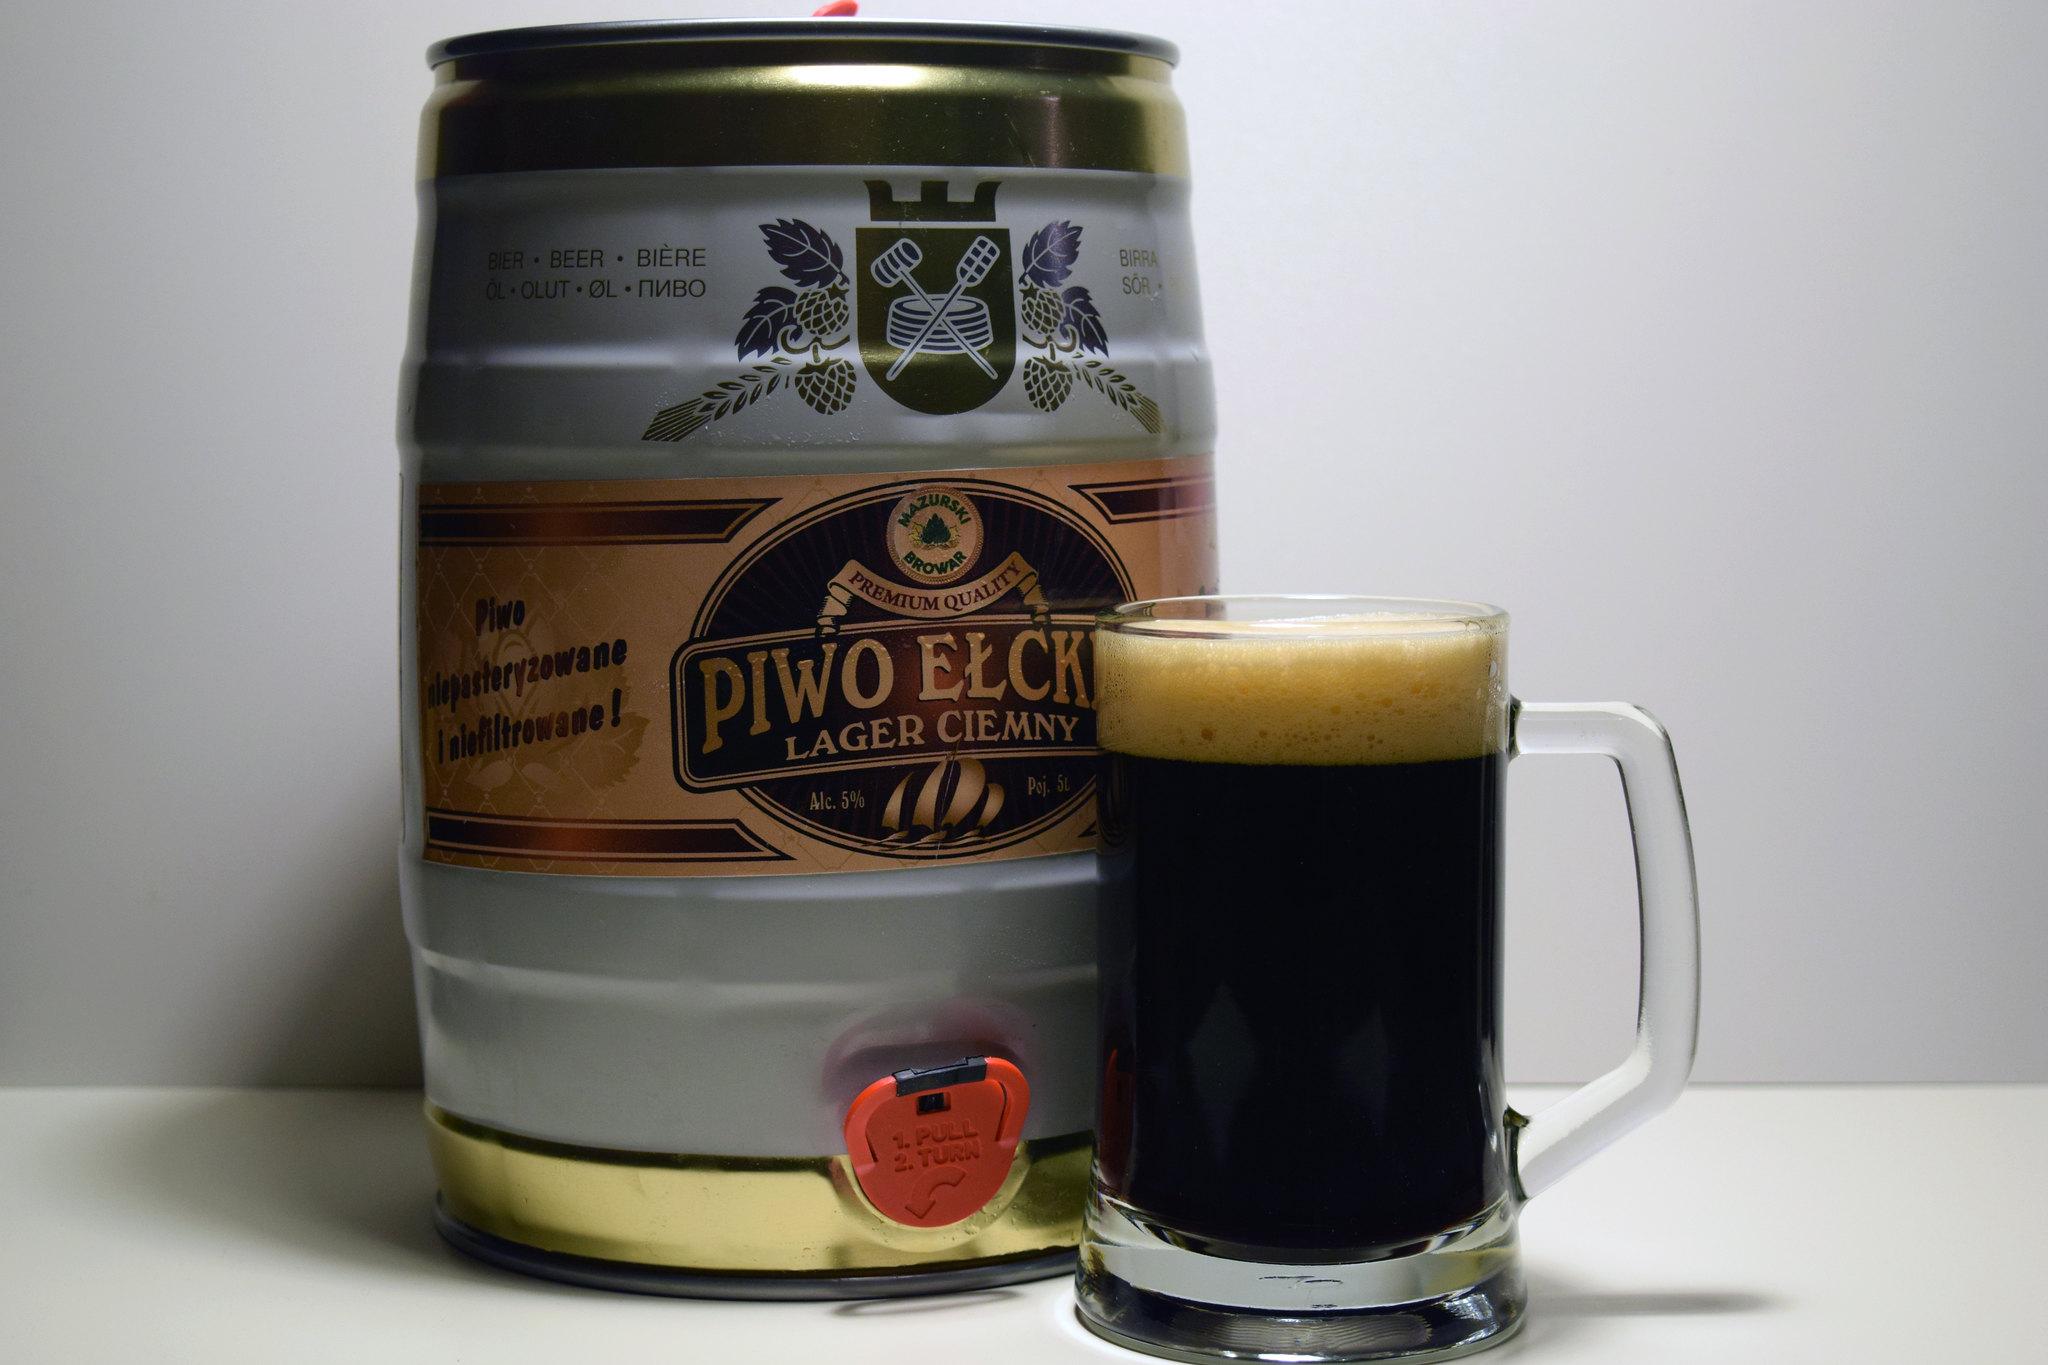 ełckie ciemny lager